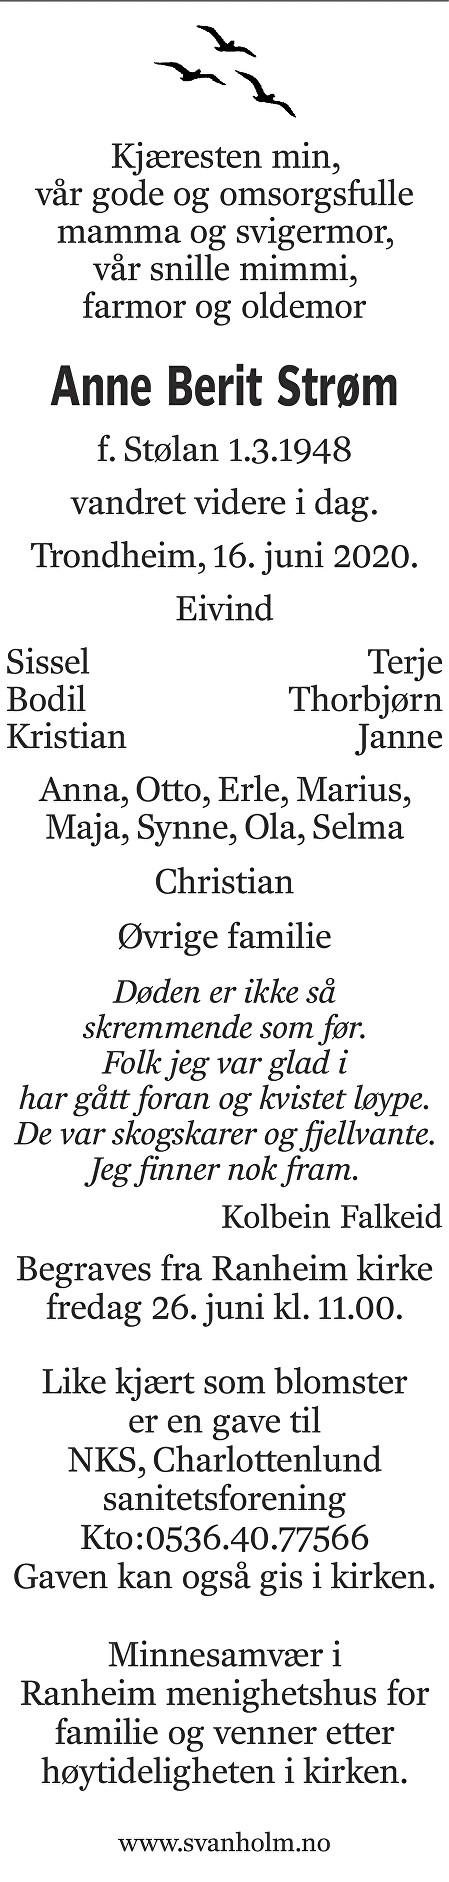 Anne Berit Strøm Dødsannonse